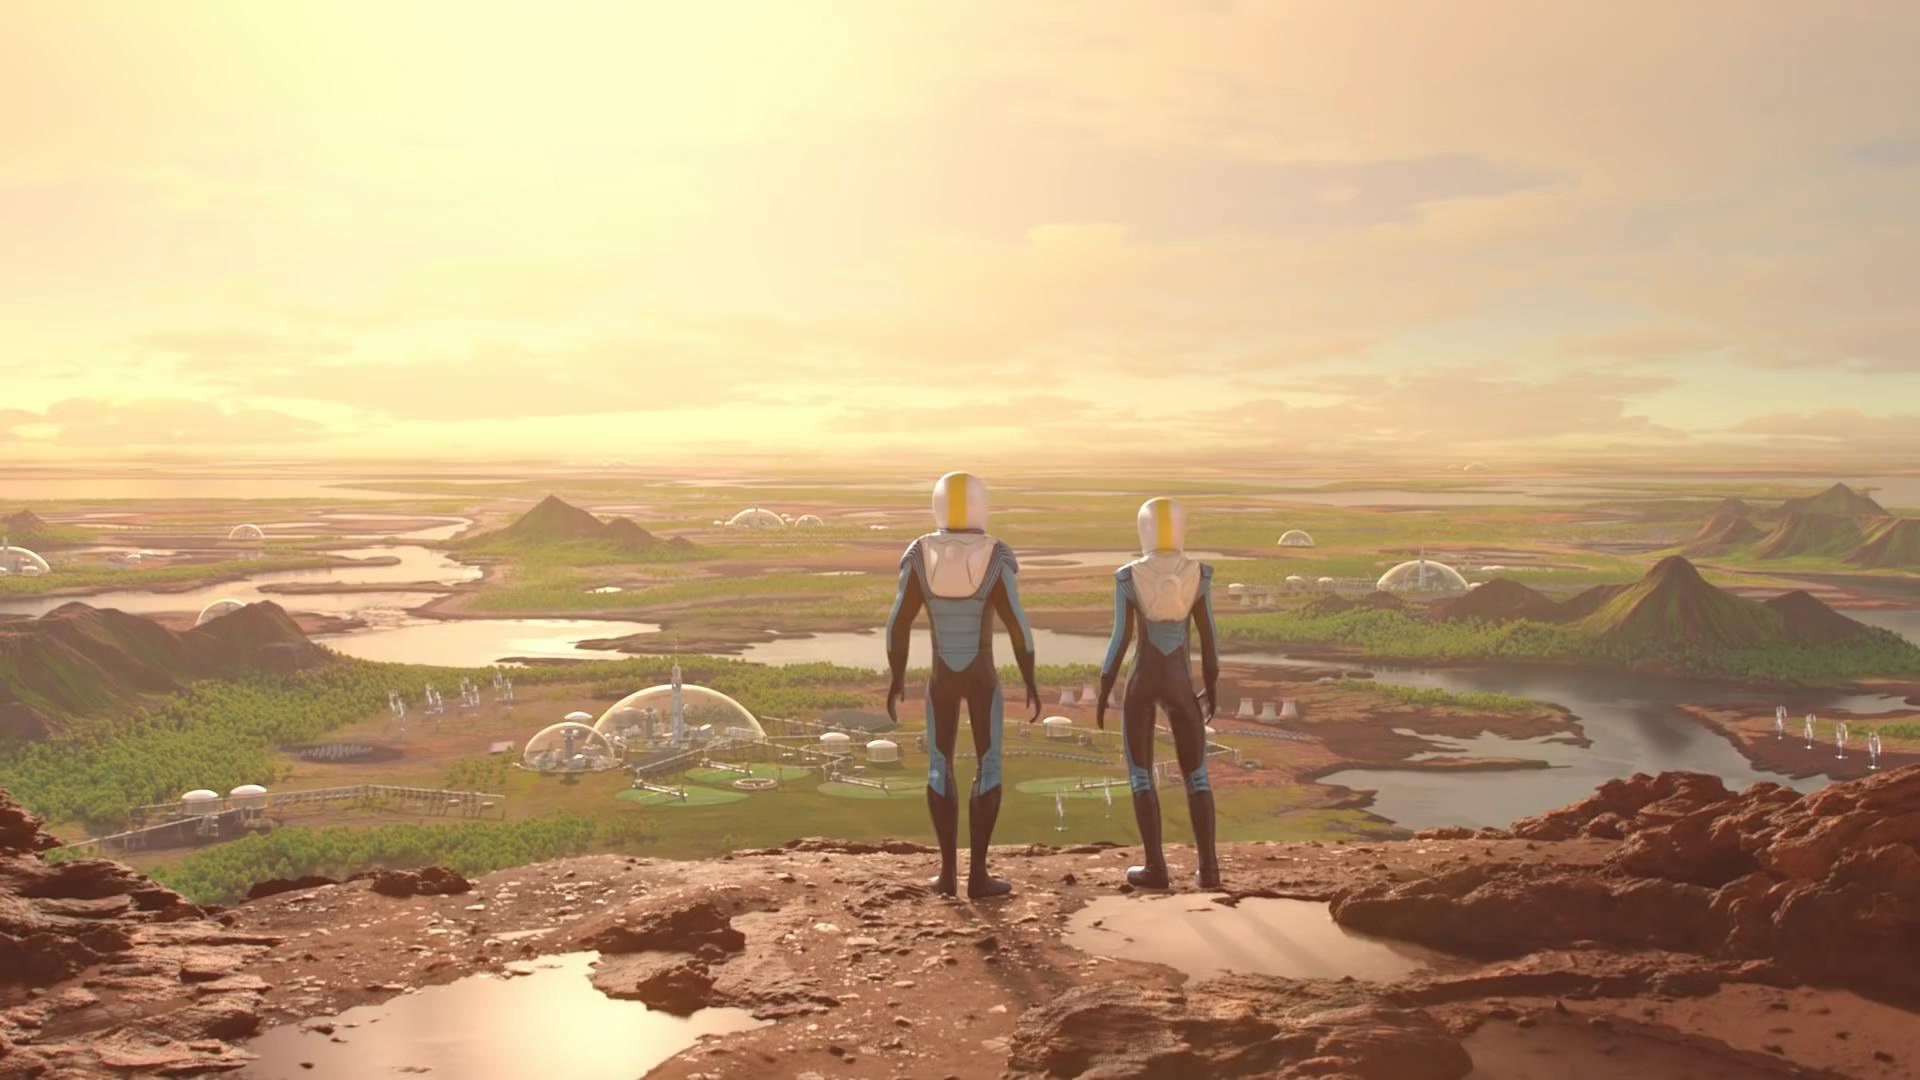 《火星求生》新DLC绿色星球公布 引入地球化设定